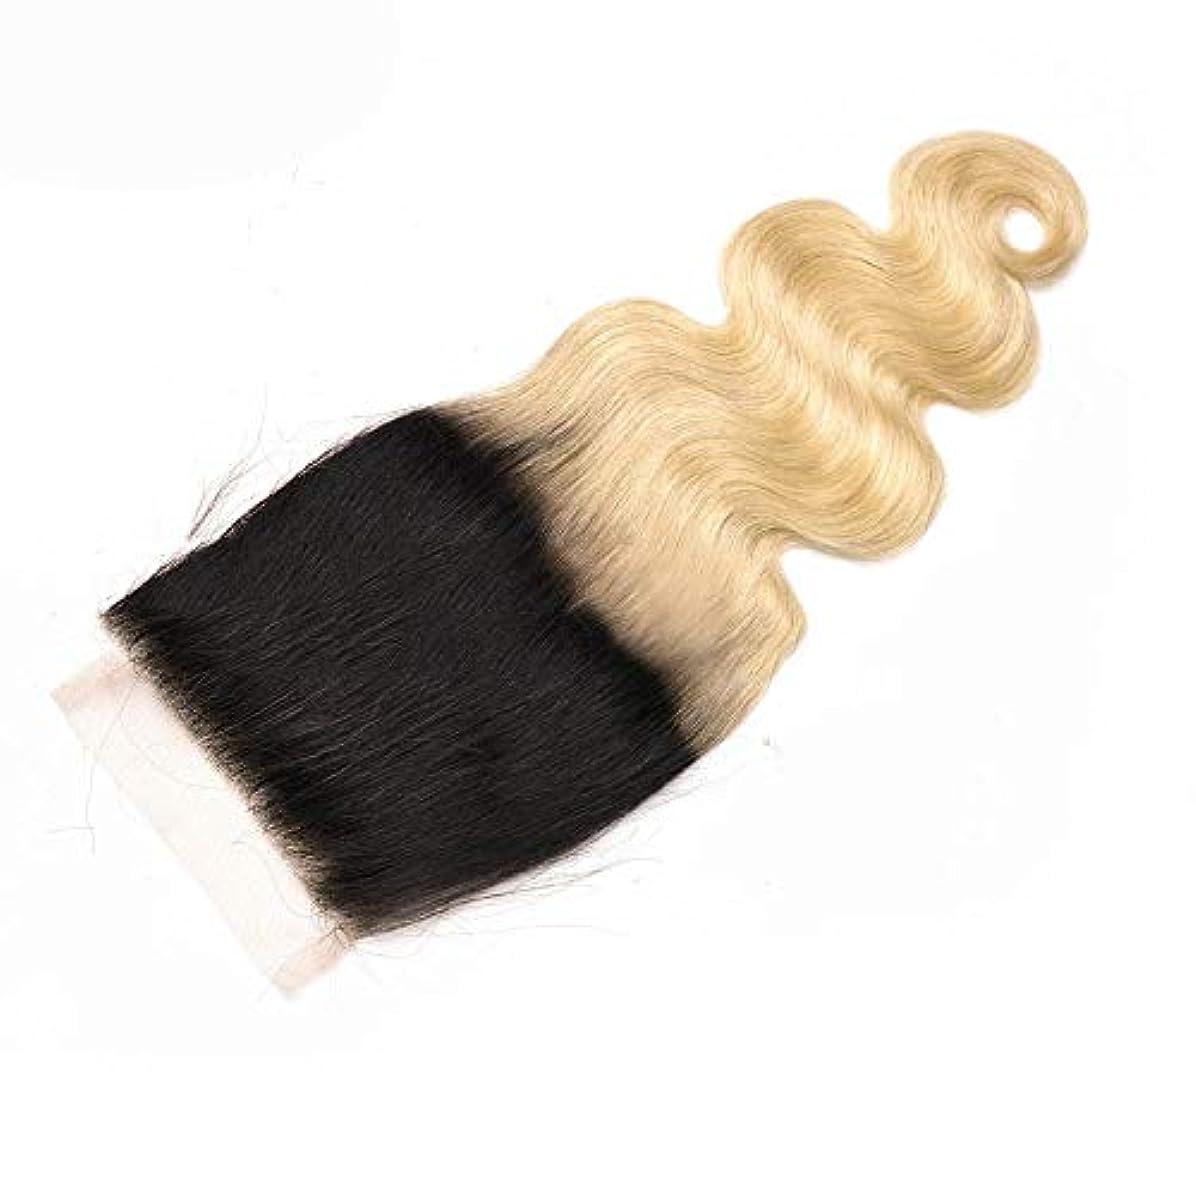 ギャップフルーティー木製WASAIO T1bの/ 613#ブラックにブロンド2トーン色 - ホワイト女性のボディウェーブレースフロンタル閉鎖のためのウィッグ (色 : Blonde, サイズ : 18 inch)